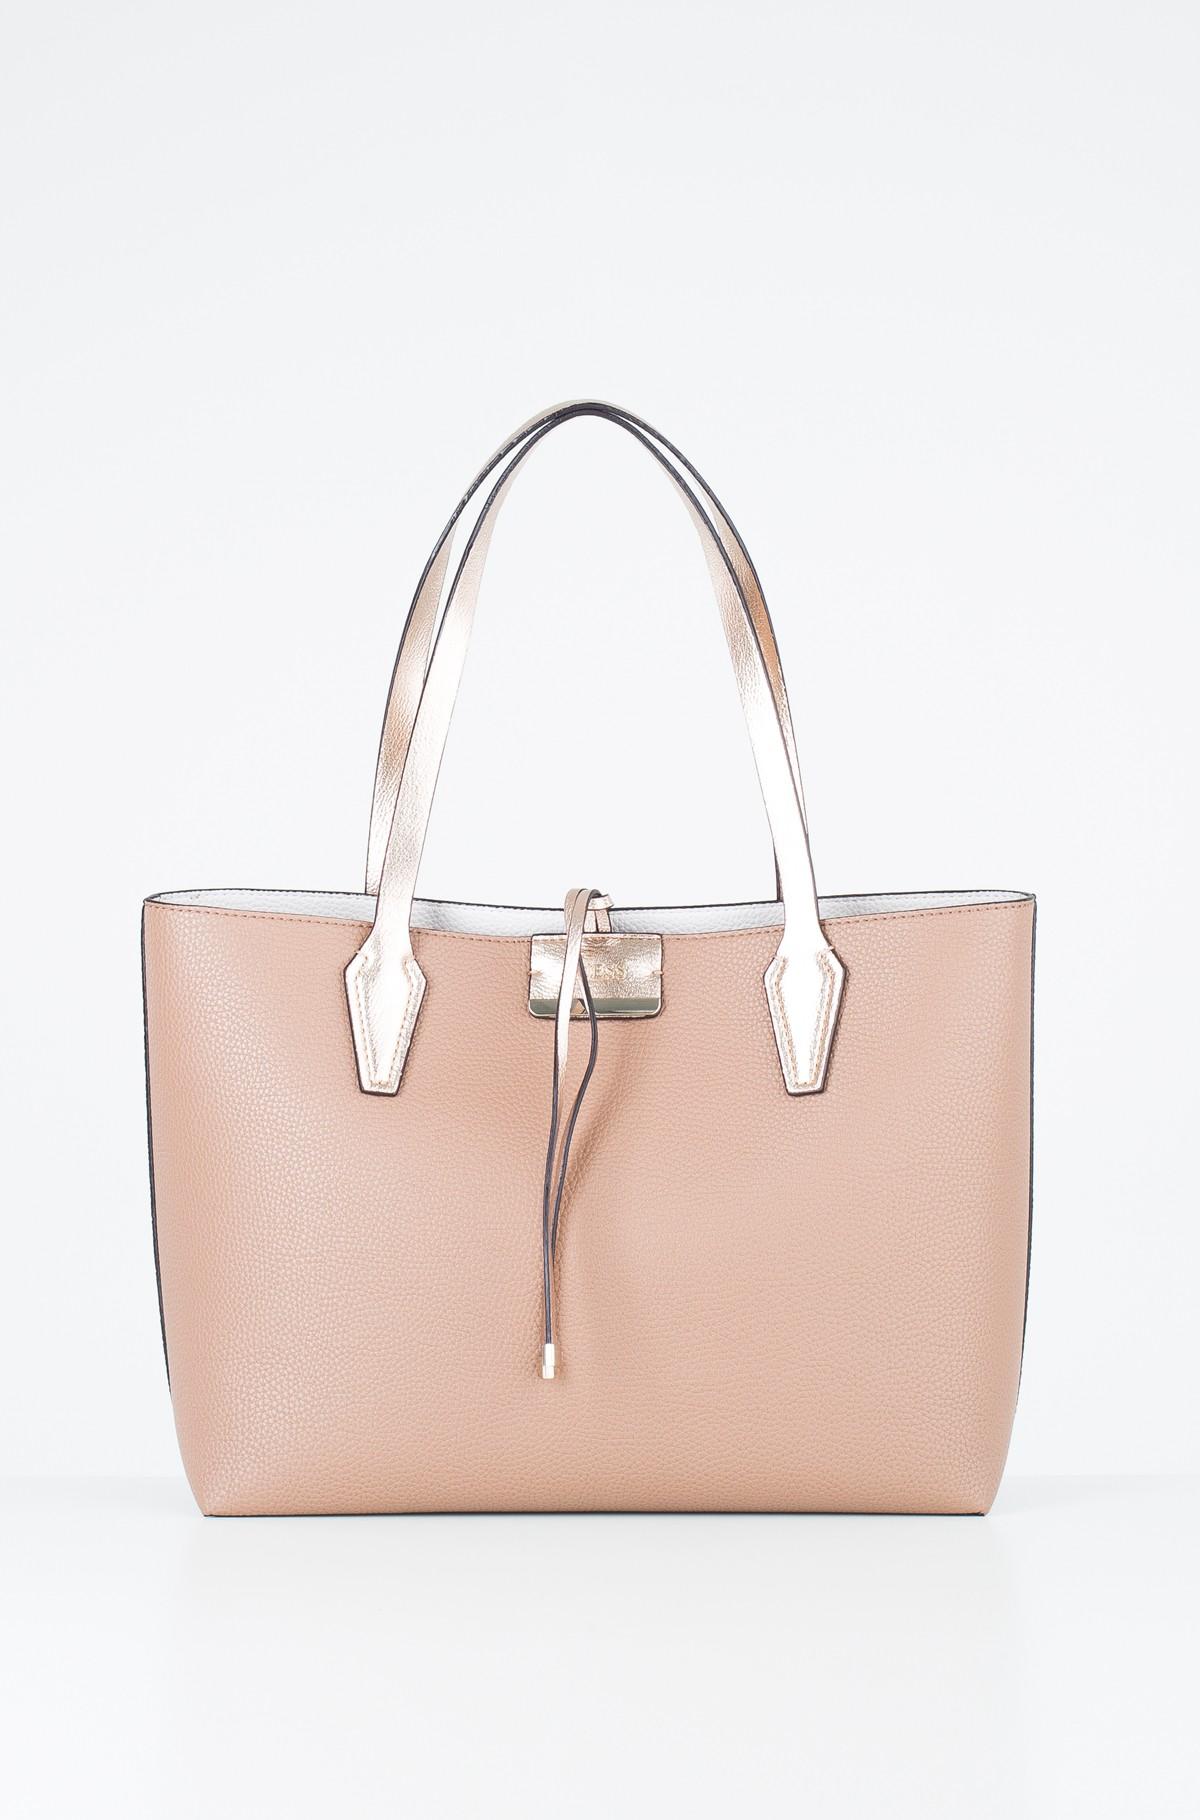 Handbag HWLN64 22150-full-1